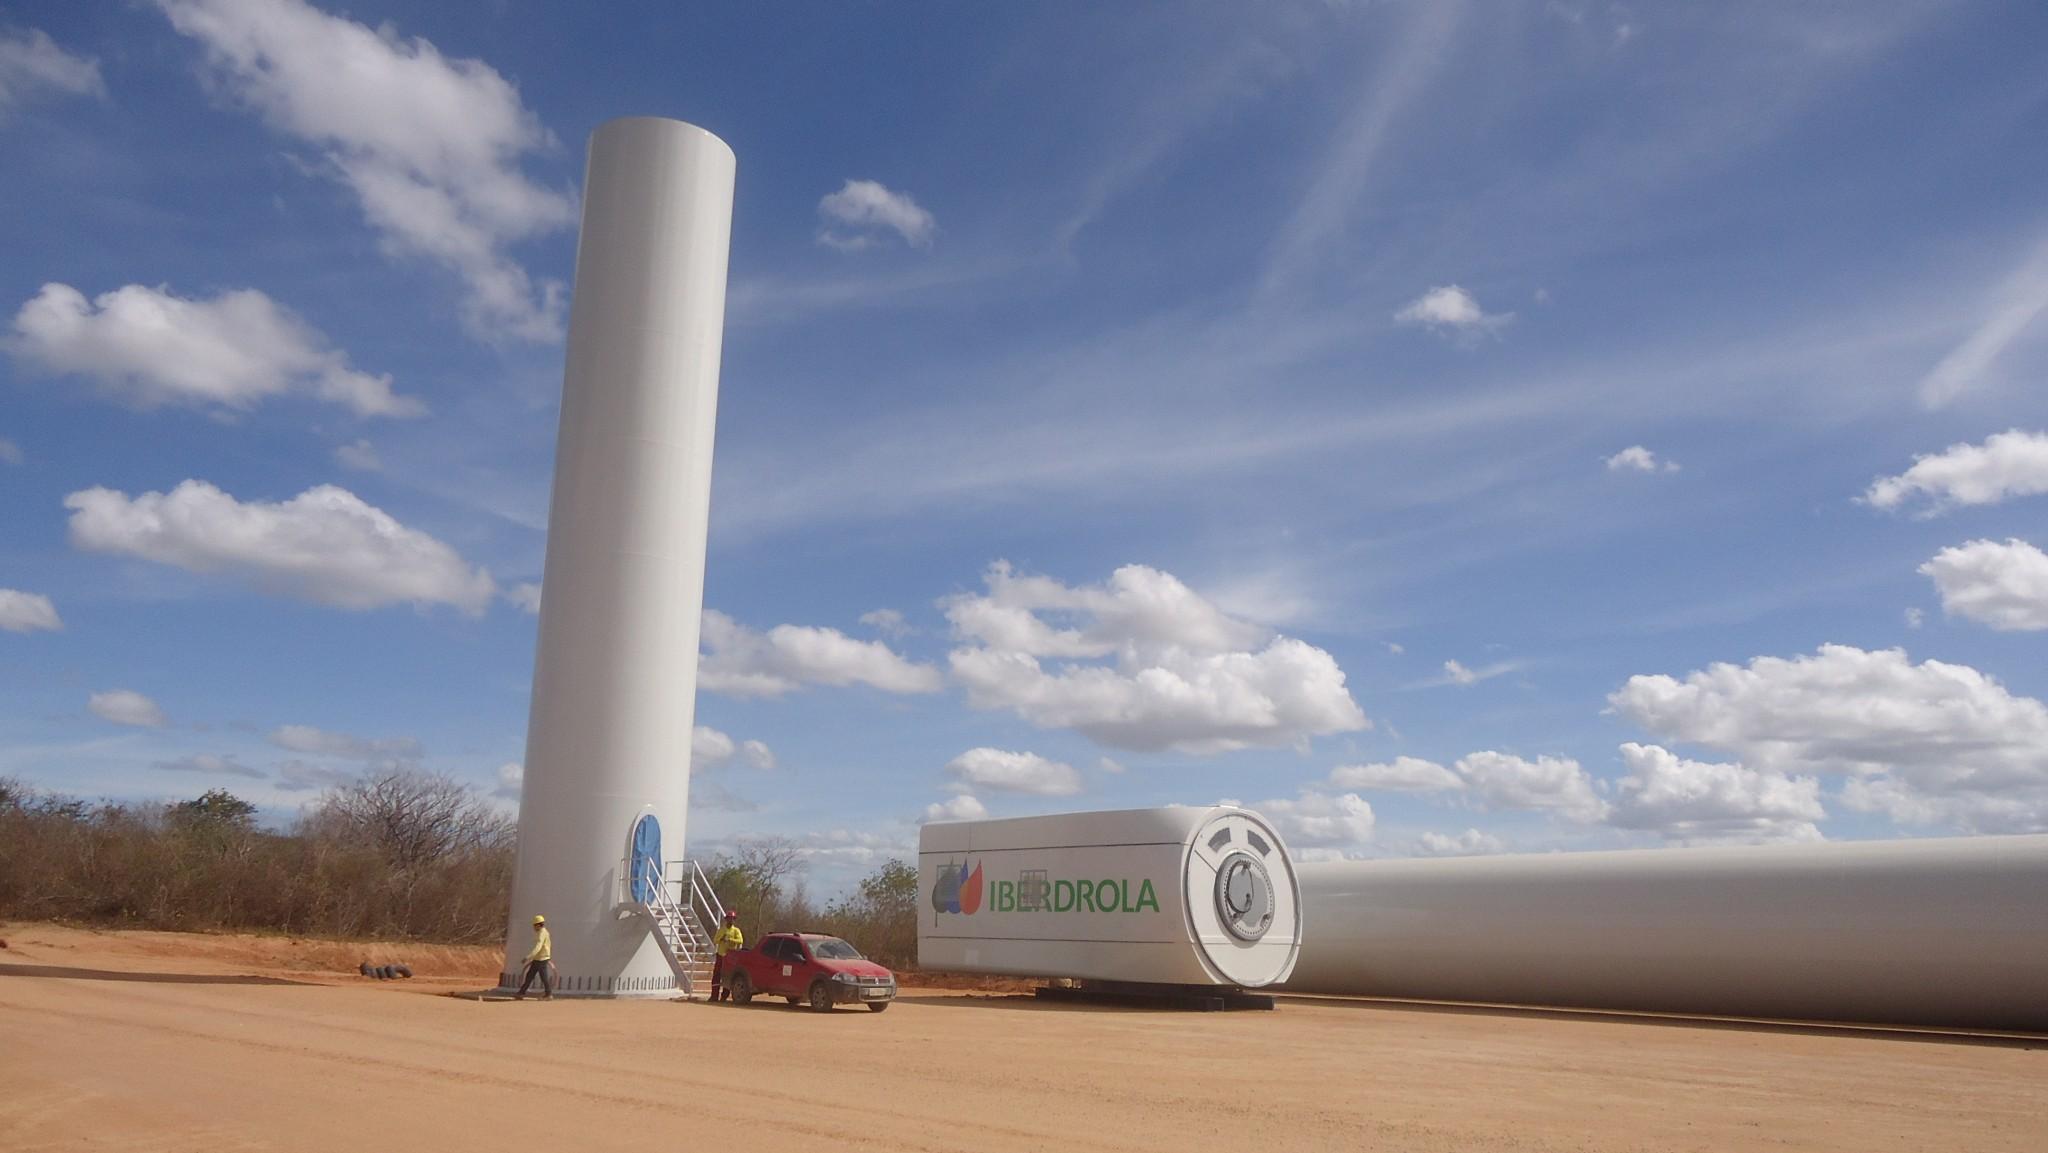 parques-eolicos-investem-nos-vendedores-de-vento-para-aquecer-economia-na-paraiba